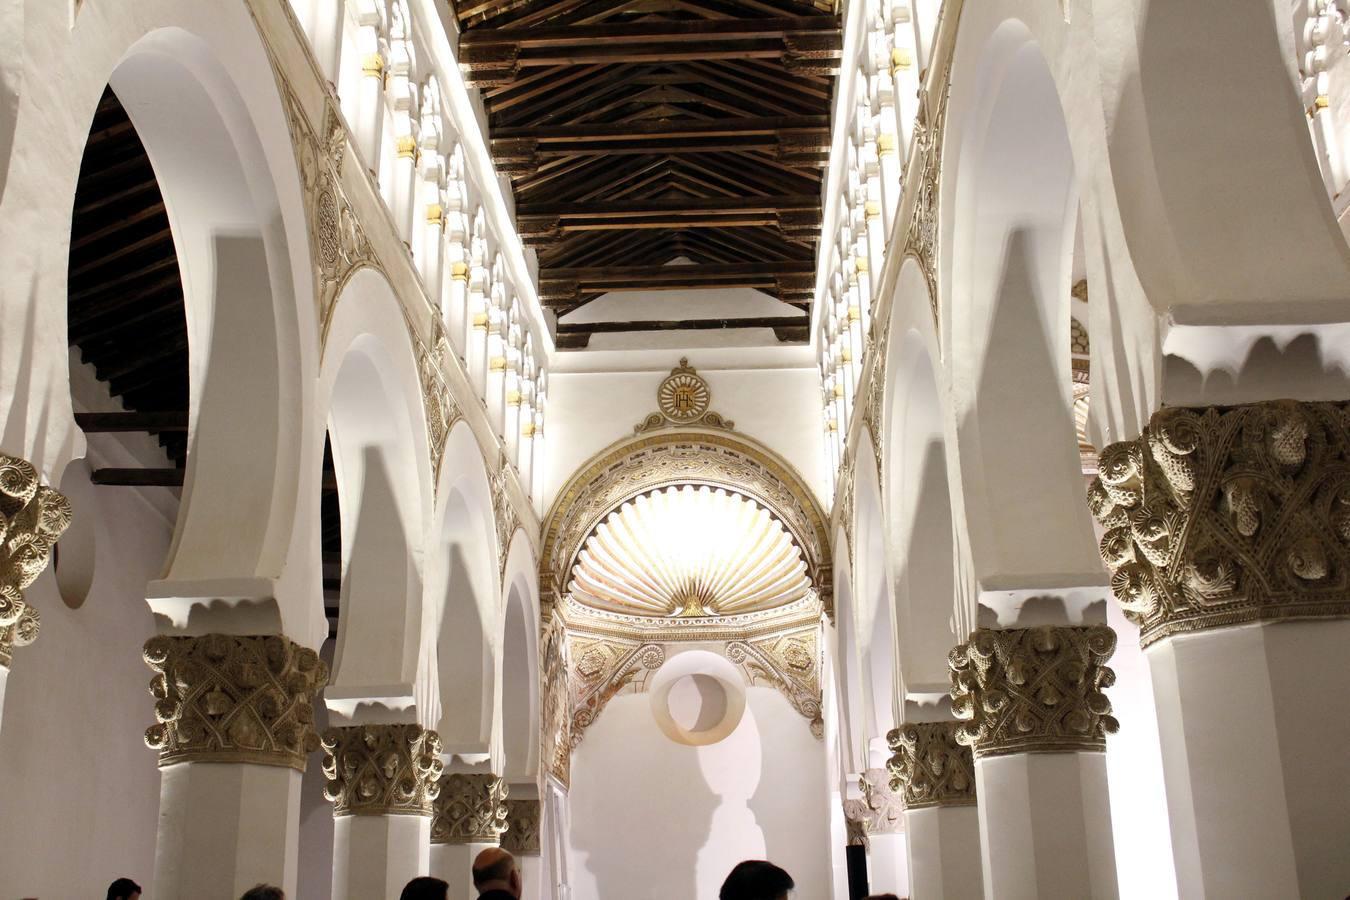 iluminacion santa maria la blanca toledo internacional de congresos inaugura la sinagoga de santa maria la blanca